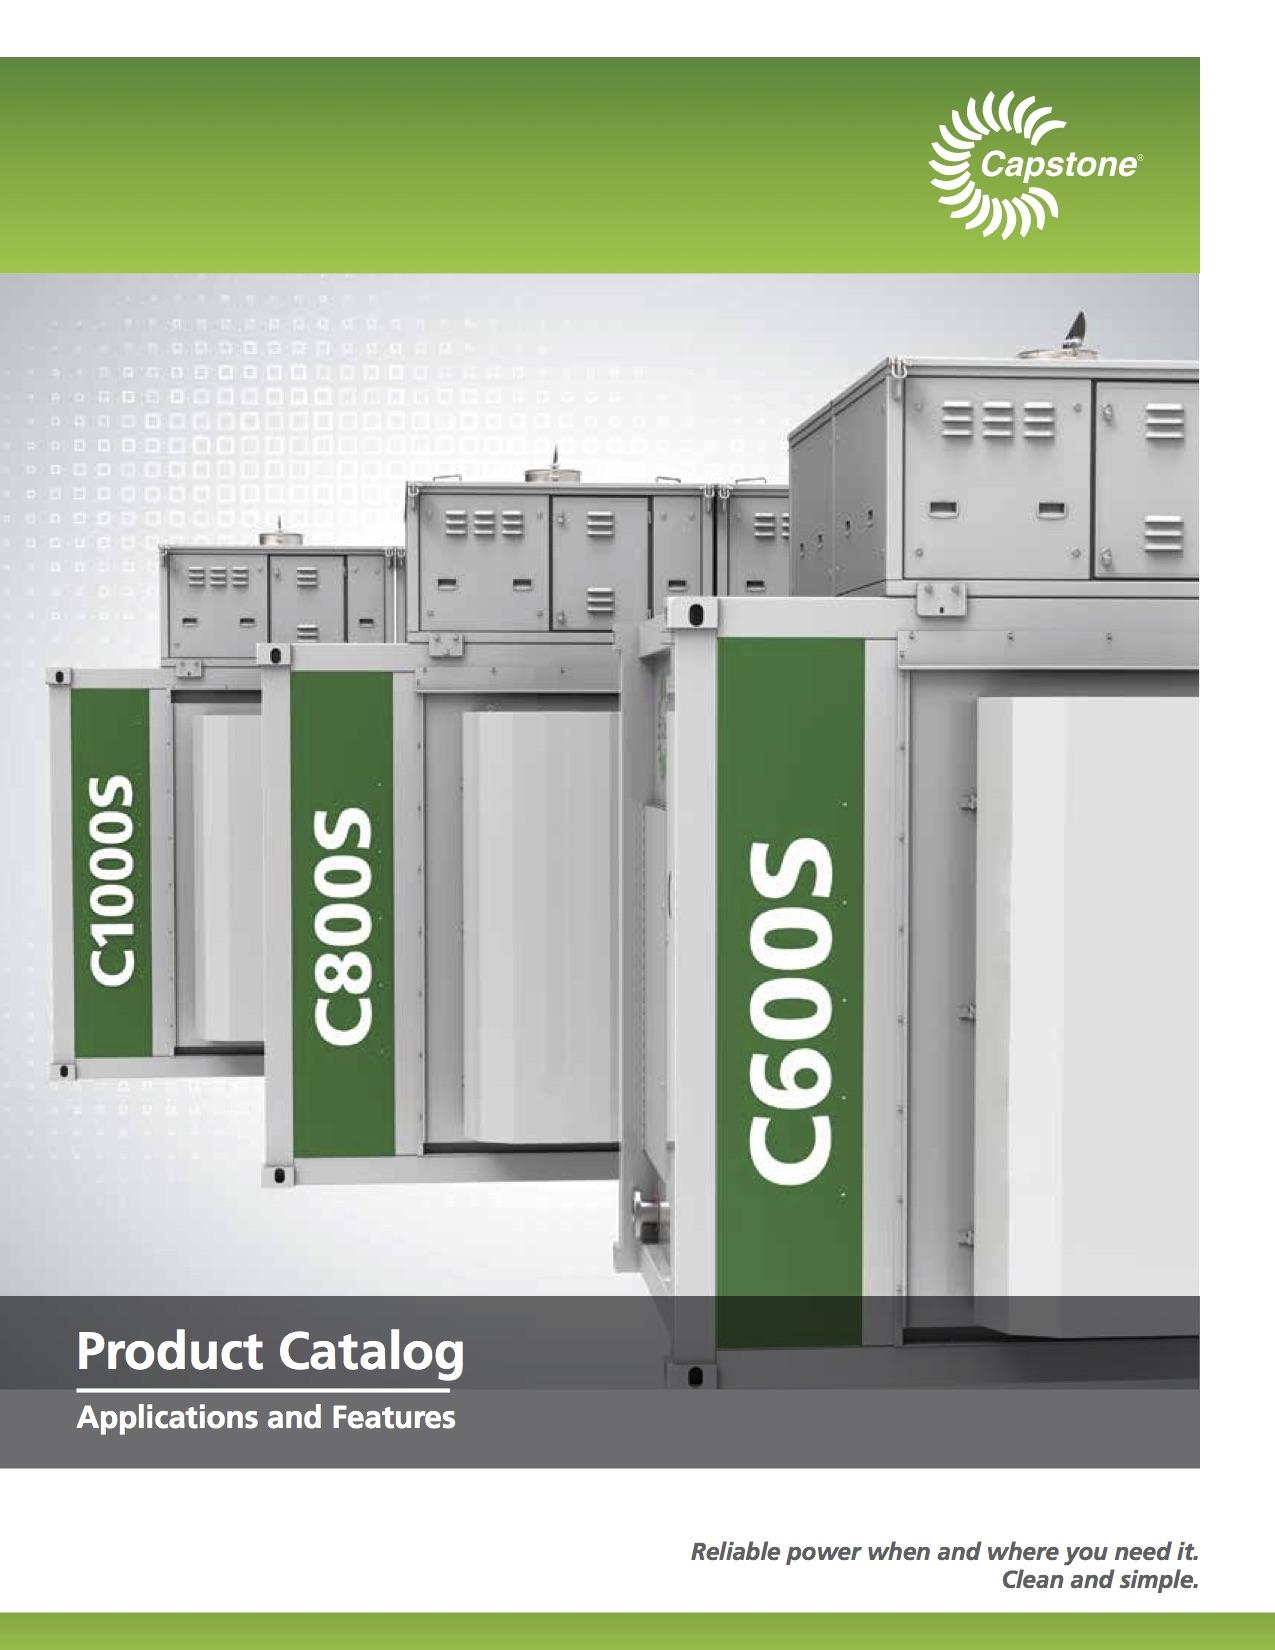 Product Catalog (English)